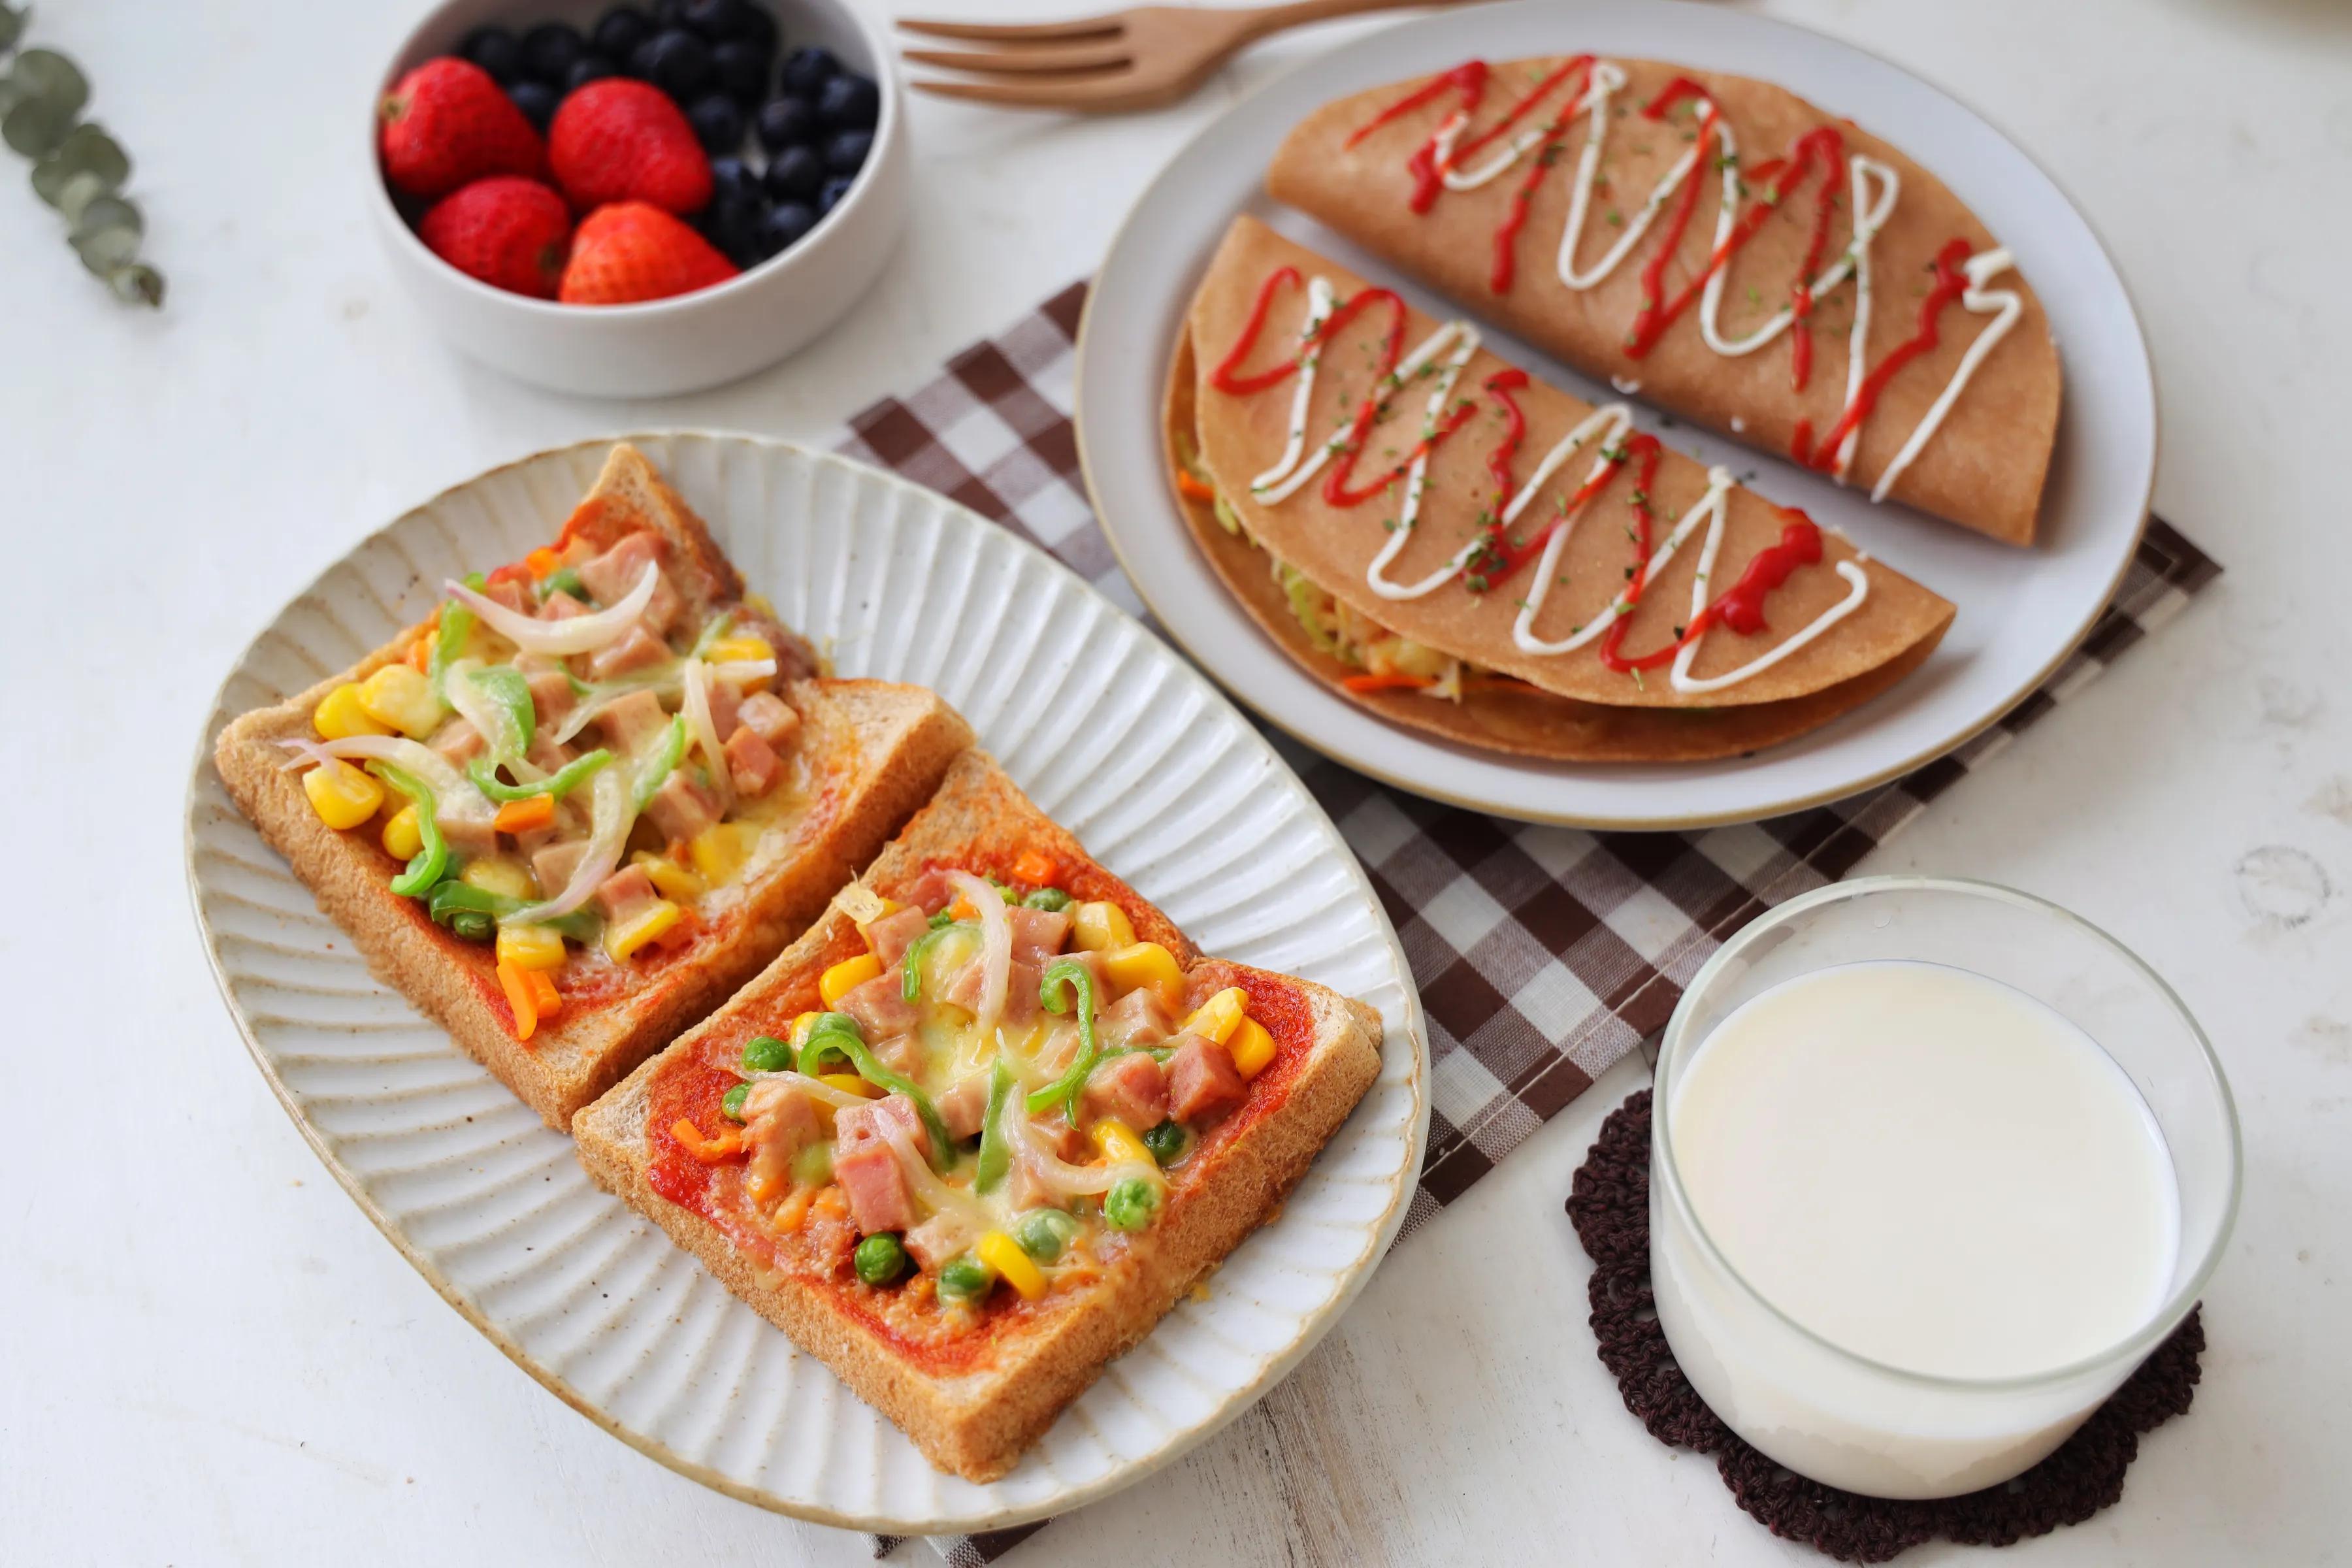 10分钟就能做好的快手早餐,不用烤箱,不用平底锅,微波炉就能做